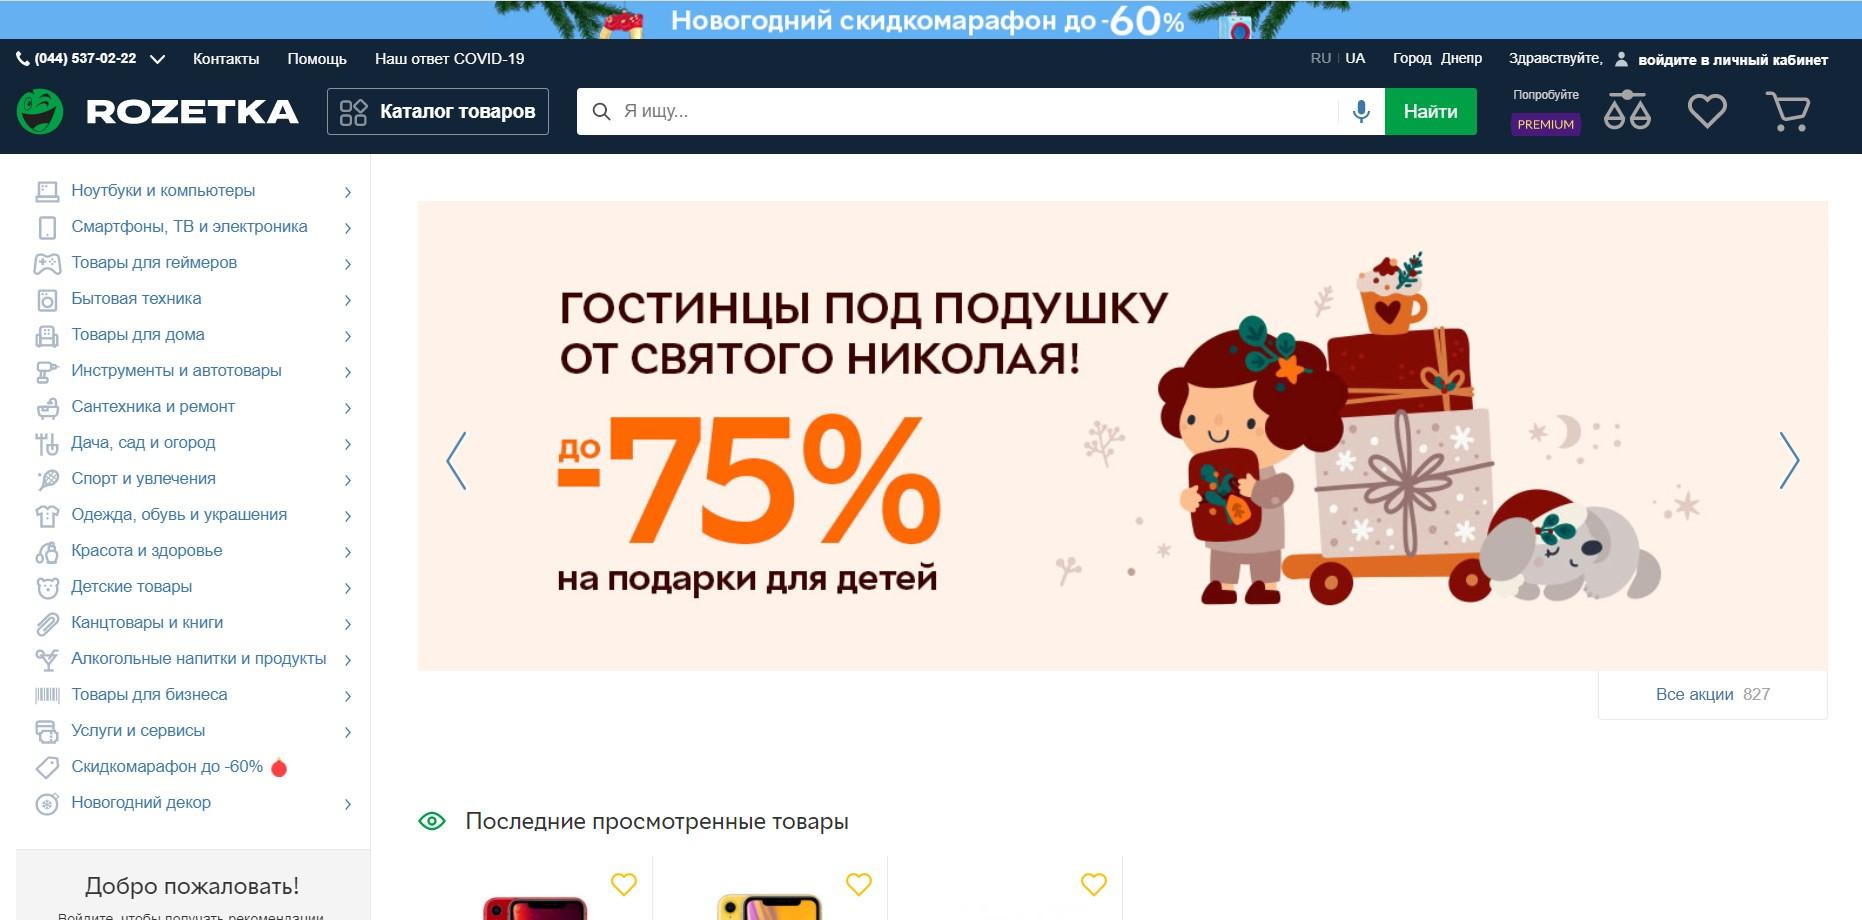 Маркетплейс разработанного сайта Розетка